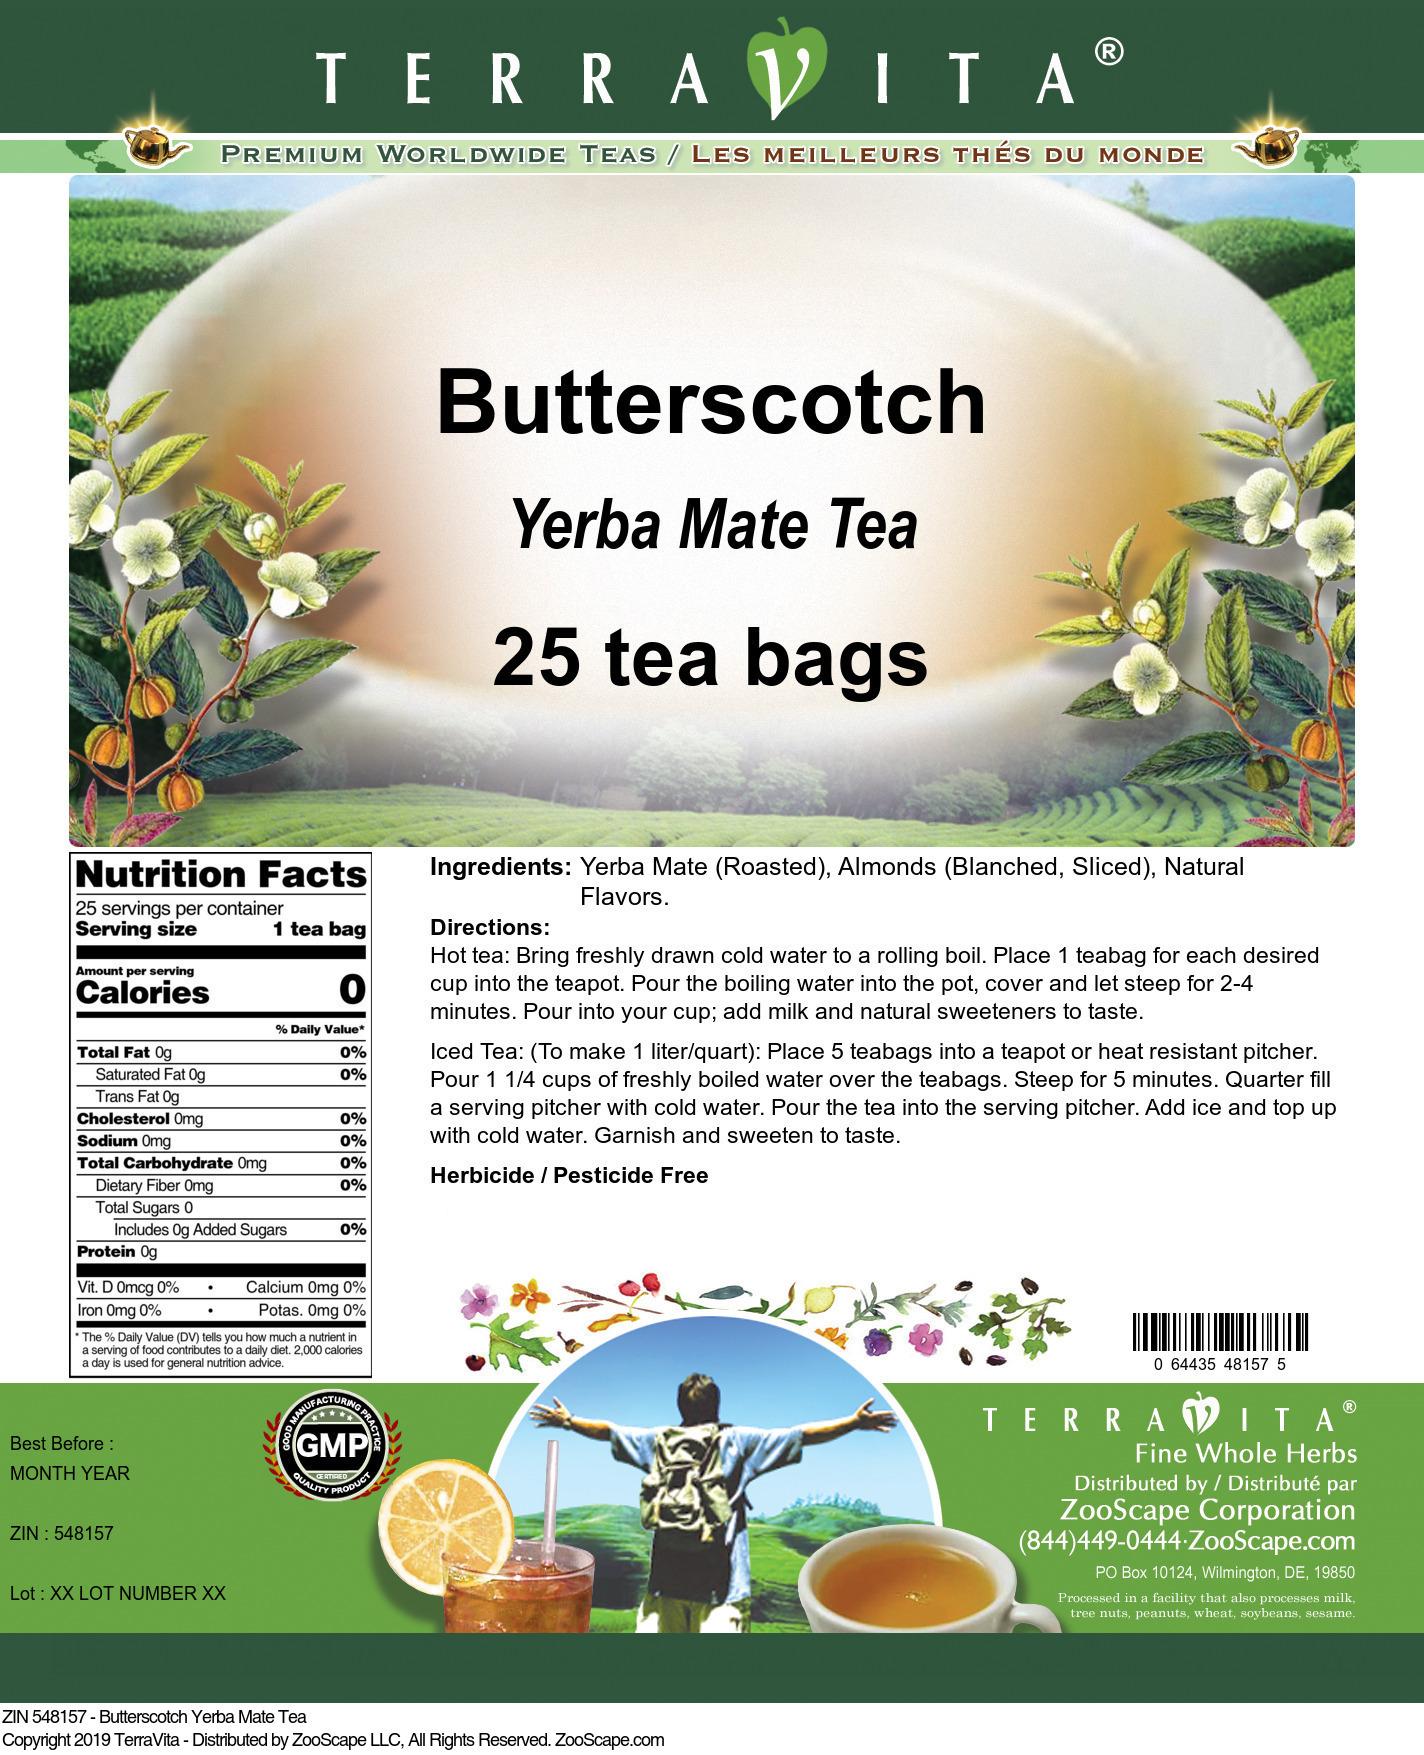 Butterscotch Yerba Mate